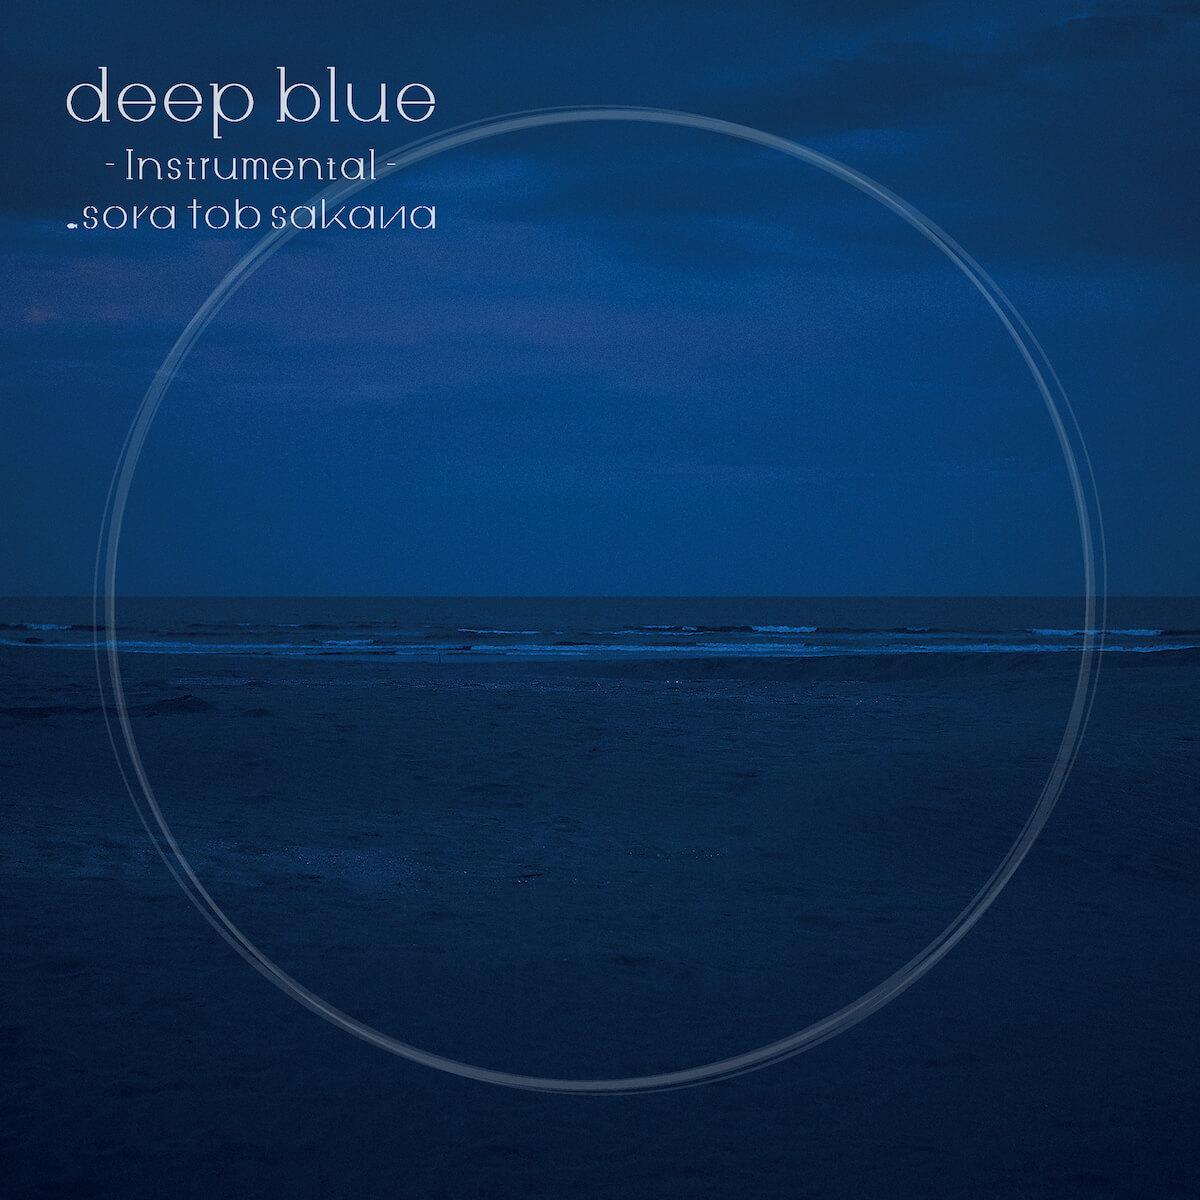 sora tob sakana 「deep blue」Jacket